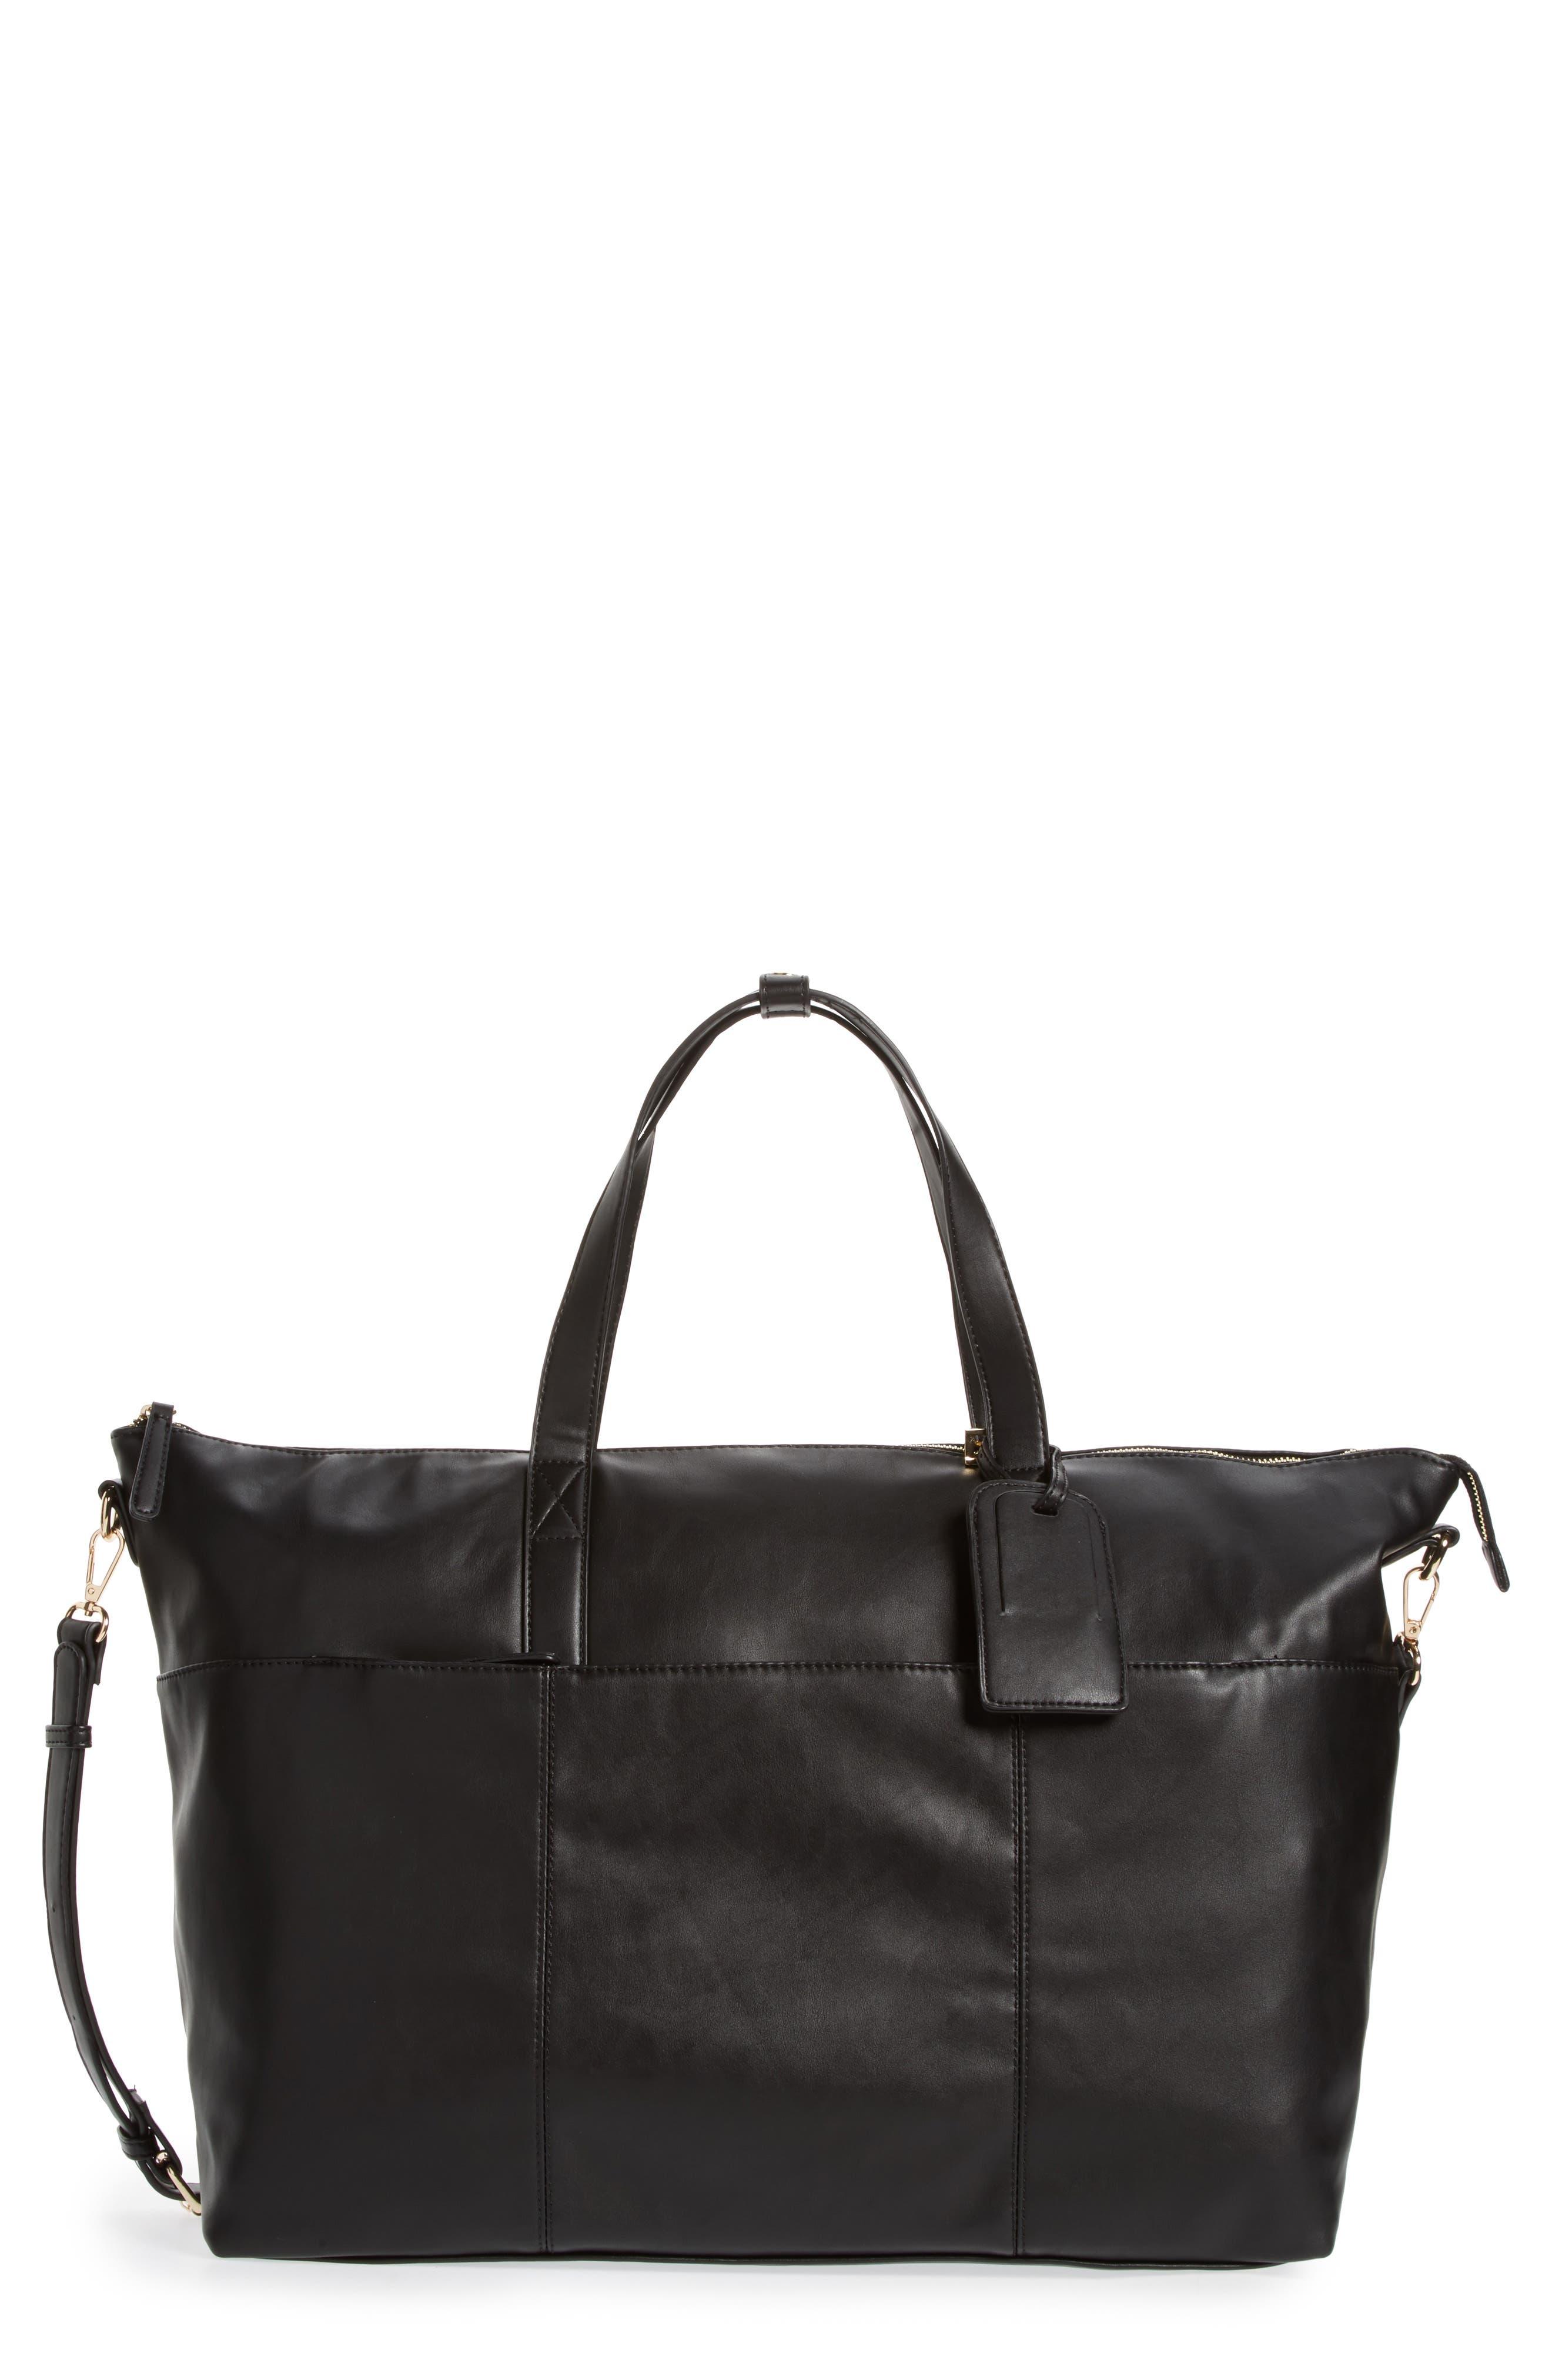 Kelis Duffel Bag,                         Main,                         color,